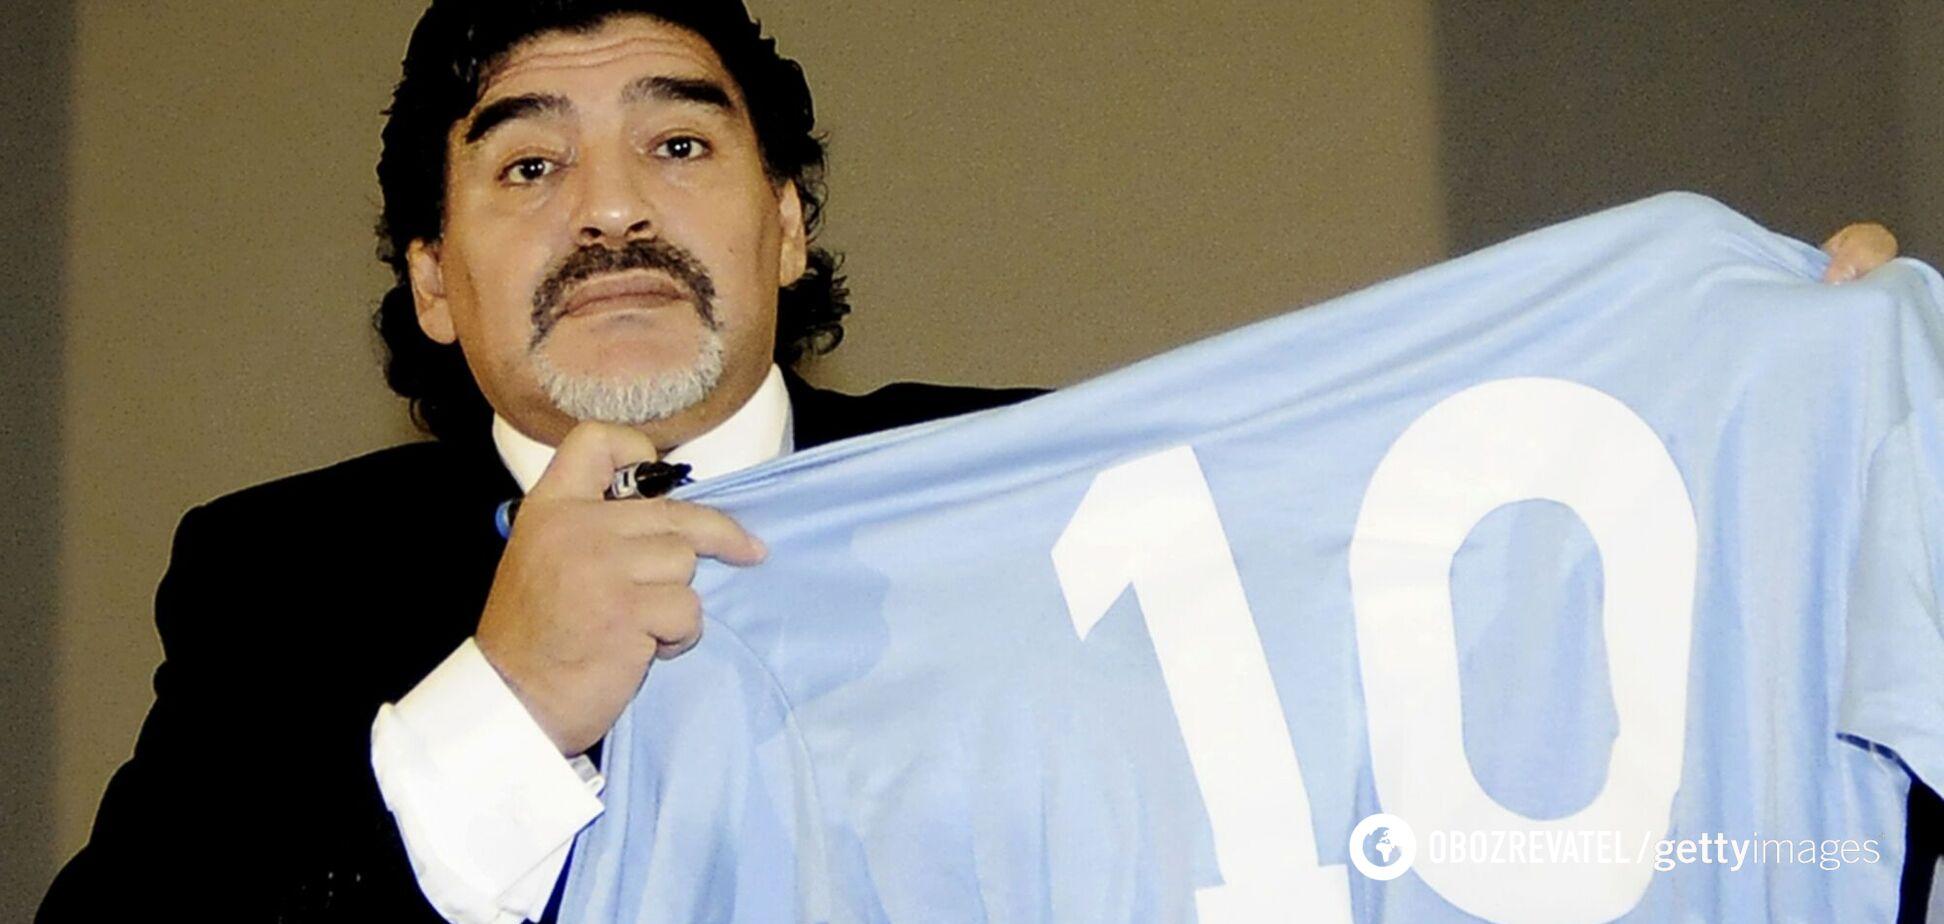 Дієго Марадона з футболкою, на яку нанесений його улюблений 10-й номер